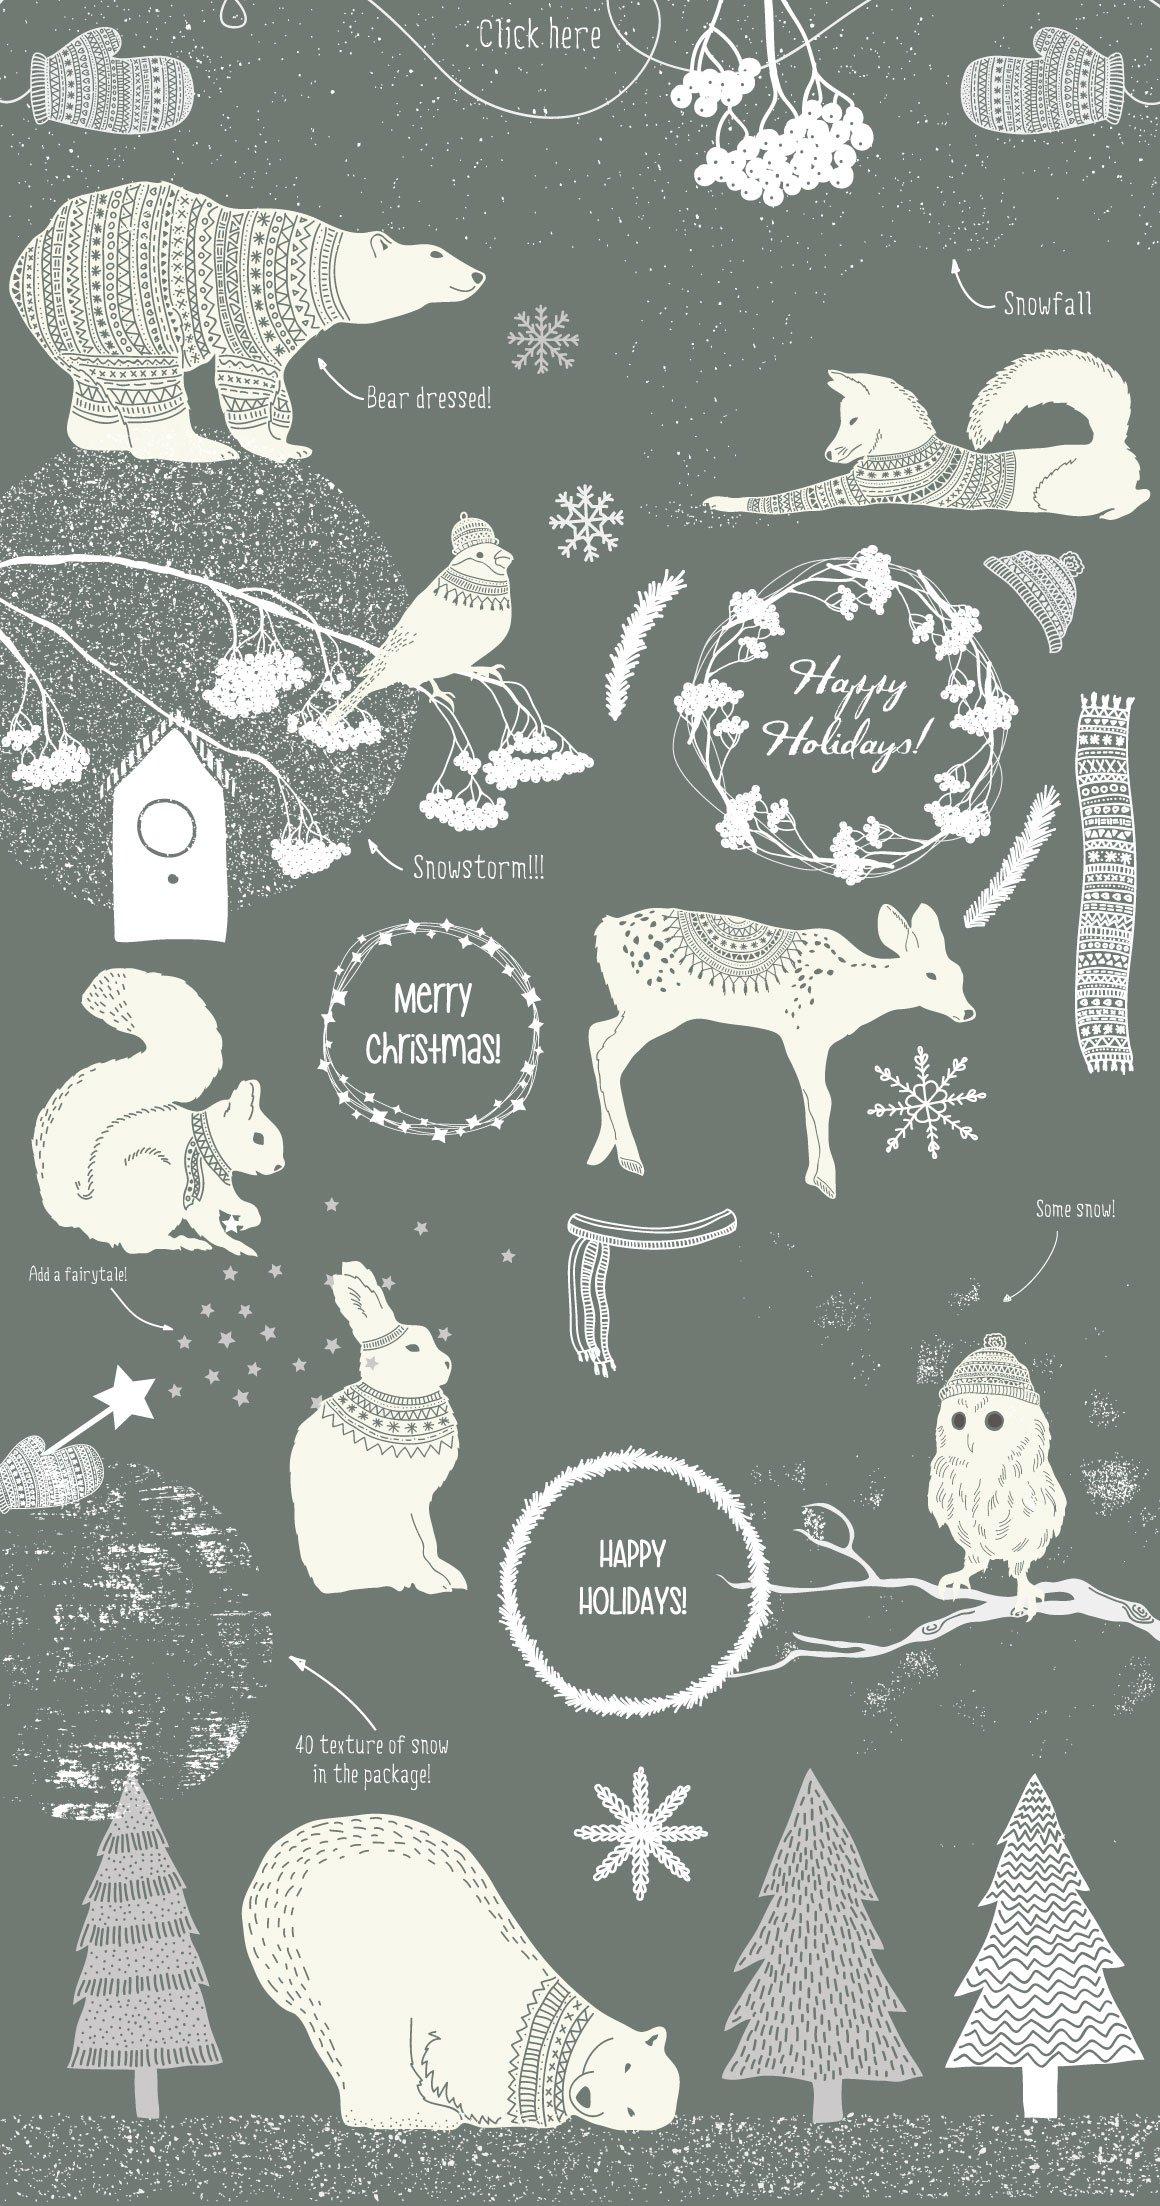 冬季圣诞季主题北极熊动物植物矢量素材 Winter Collection插图(1)